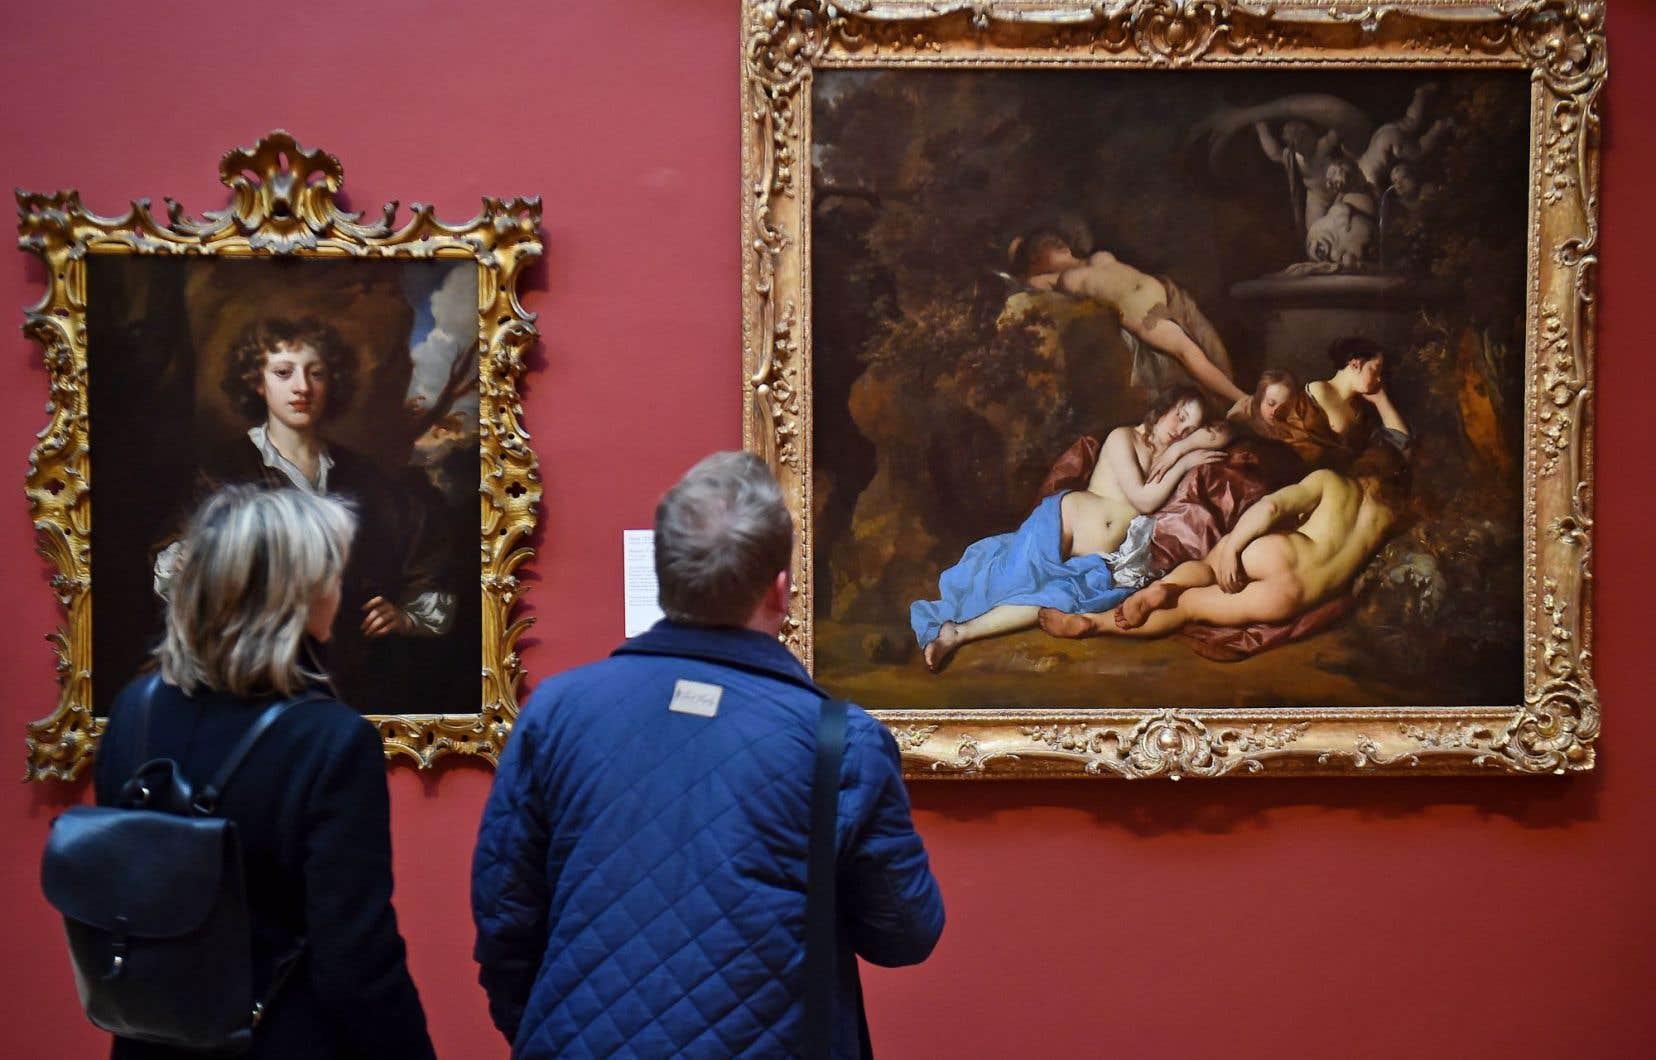 Des visiteurs observent des tableaux de la galerie londonienne à la recherche de la copie.